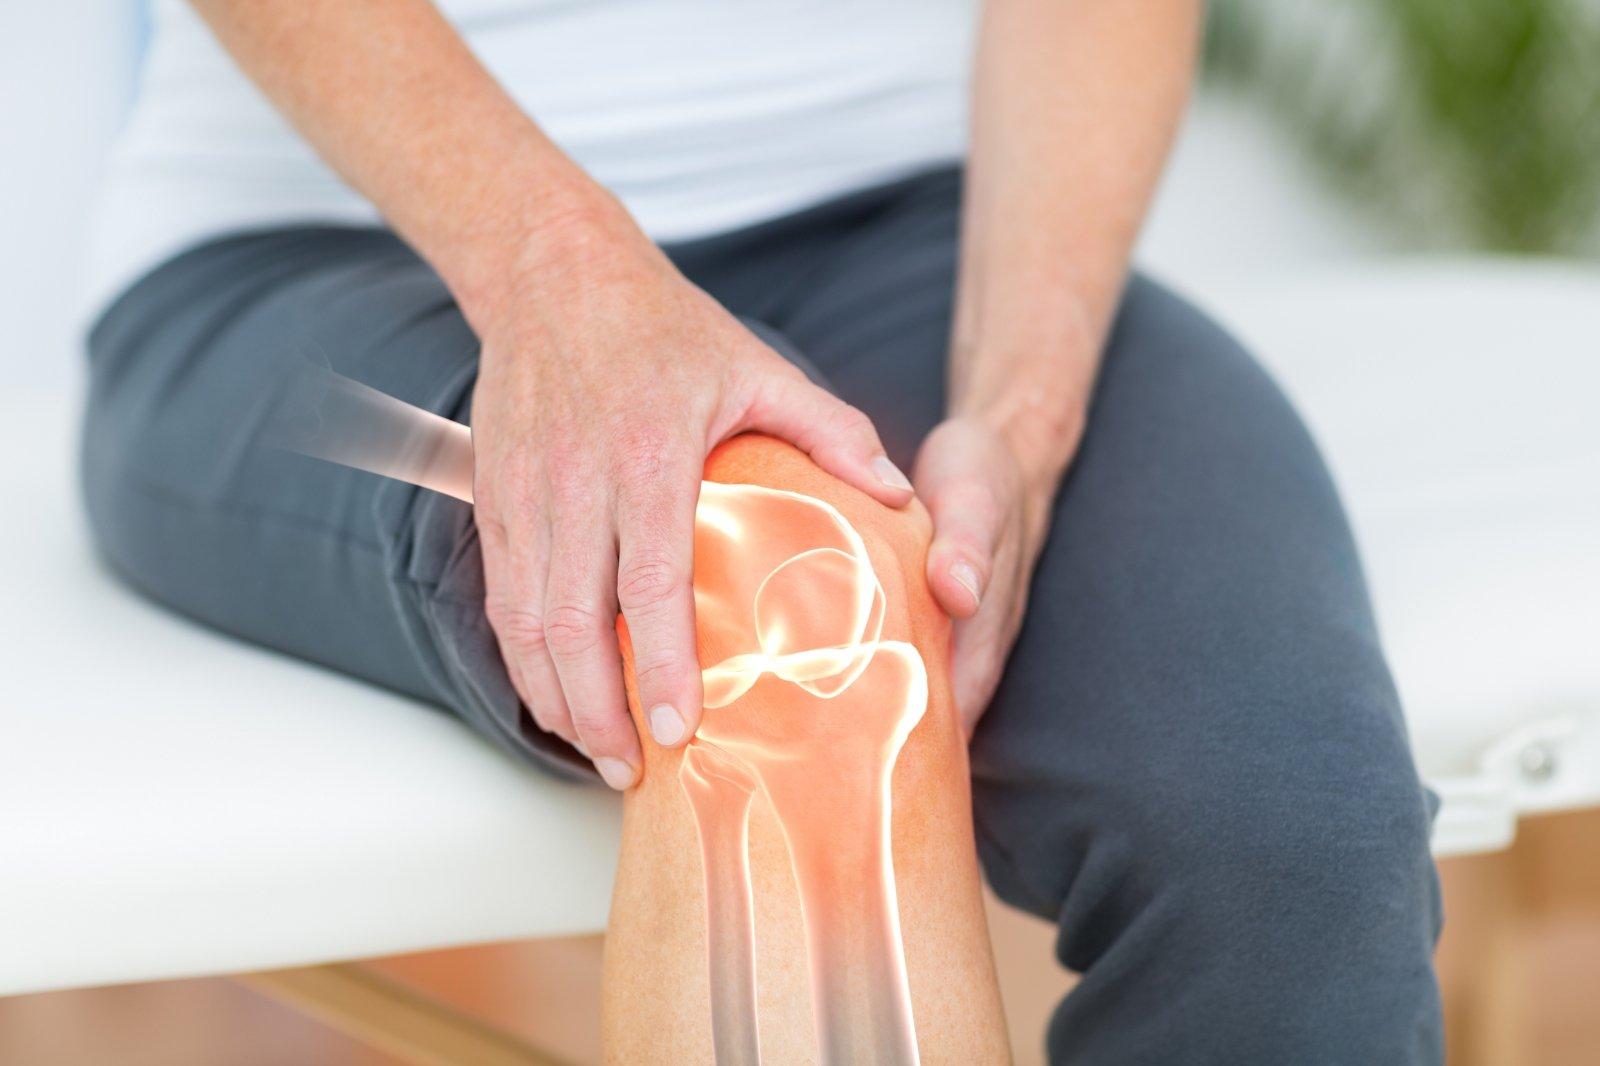 kriaušė skausmas alkūnės sąnario skauda sąnarius į ligos rankas